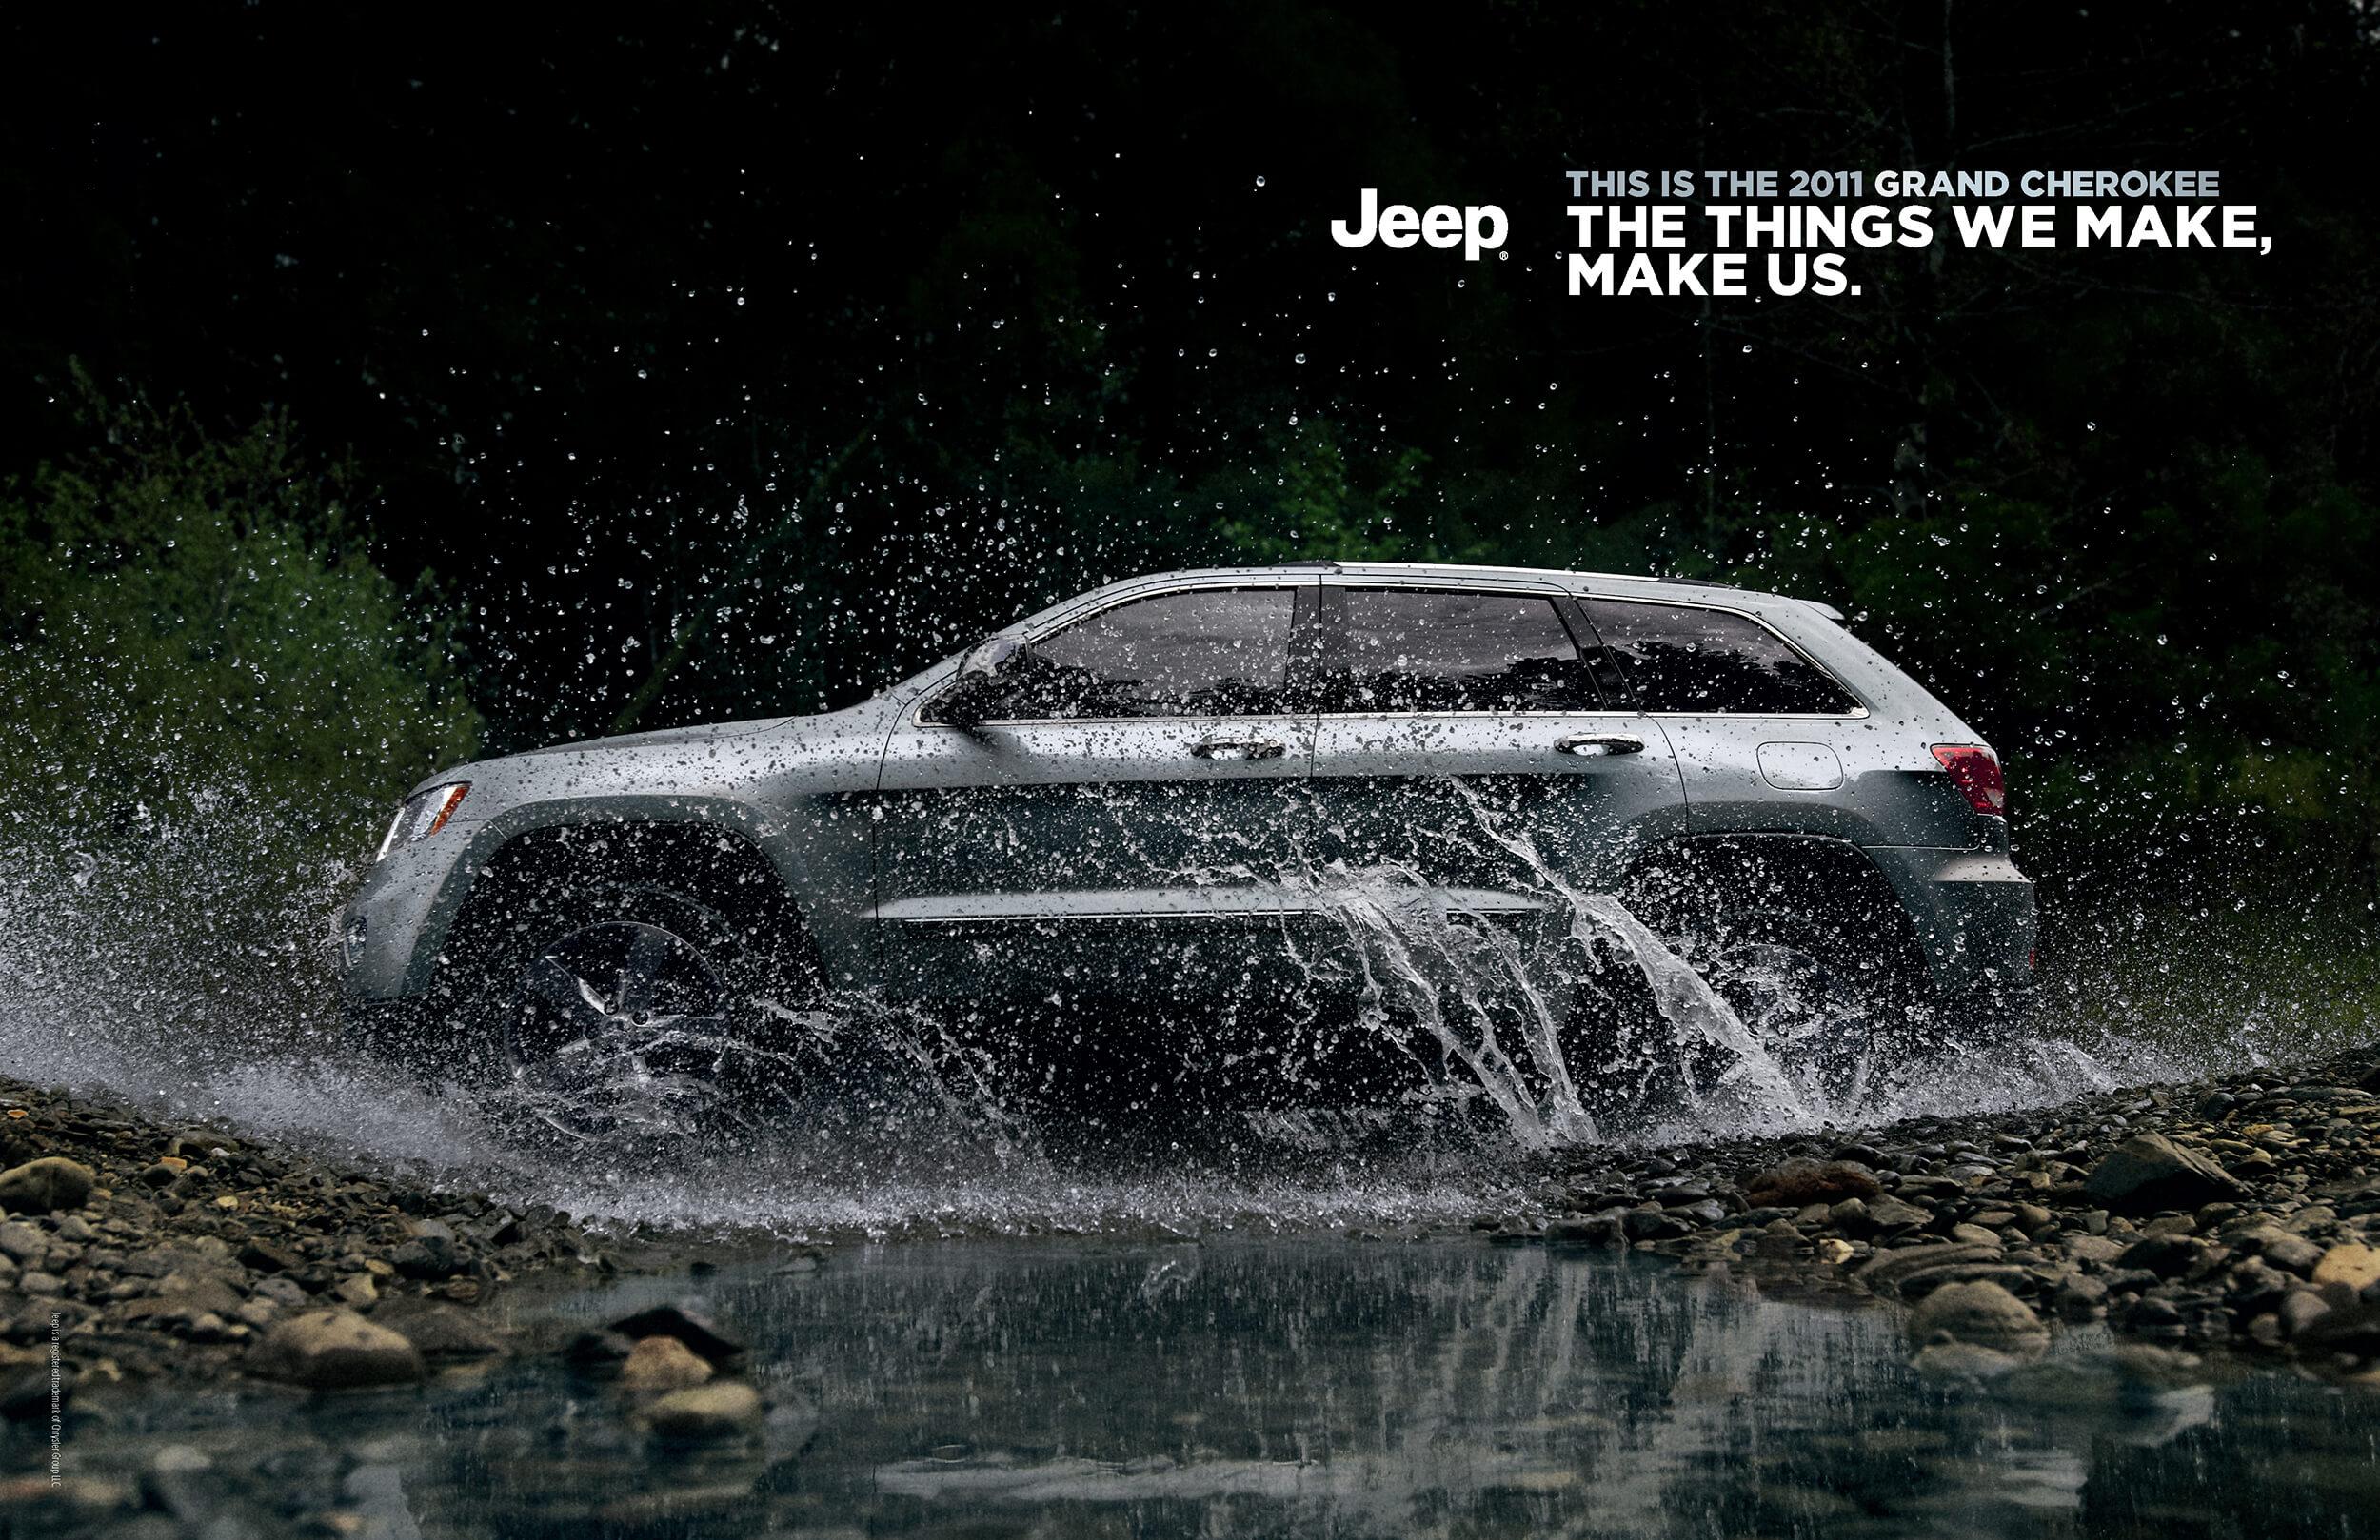 jeep_print_01_min.jpg